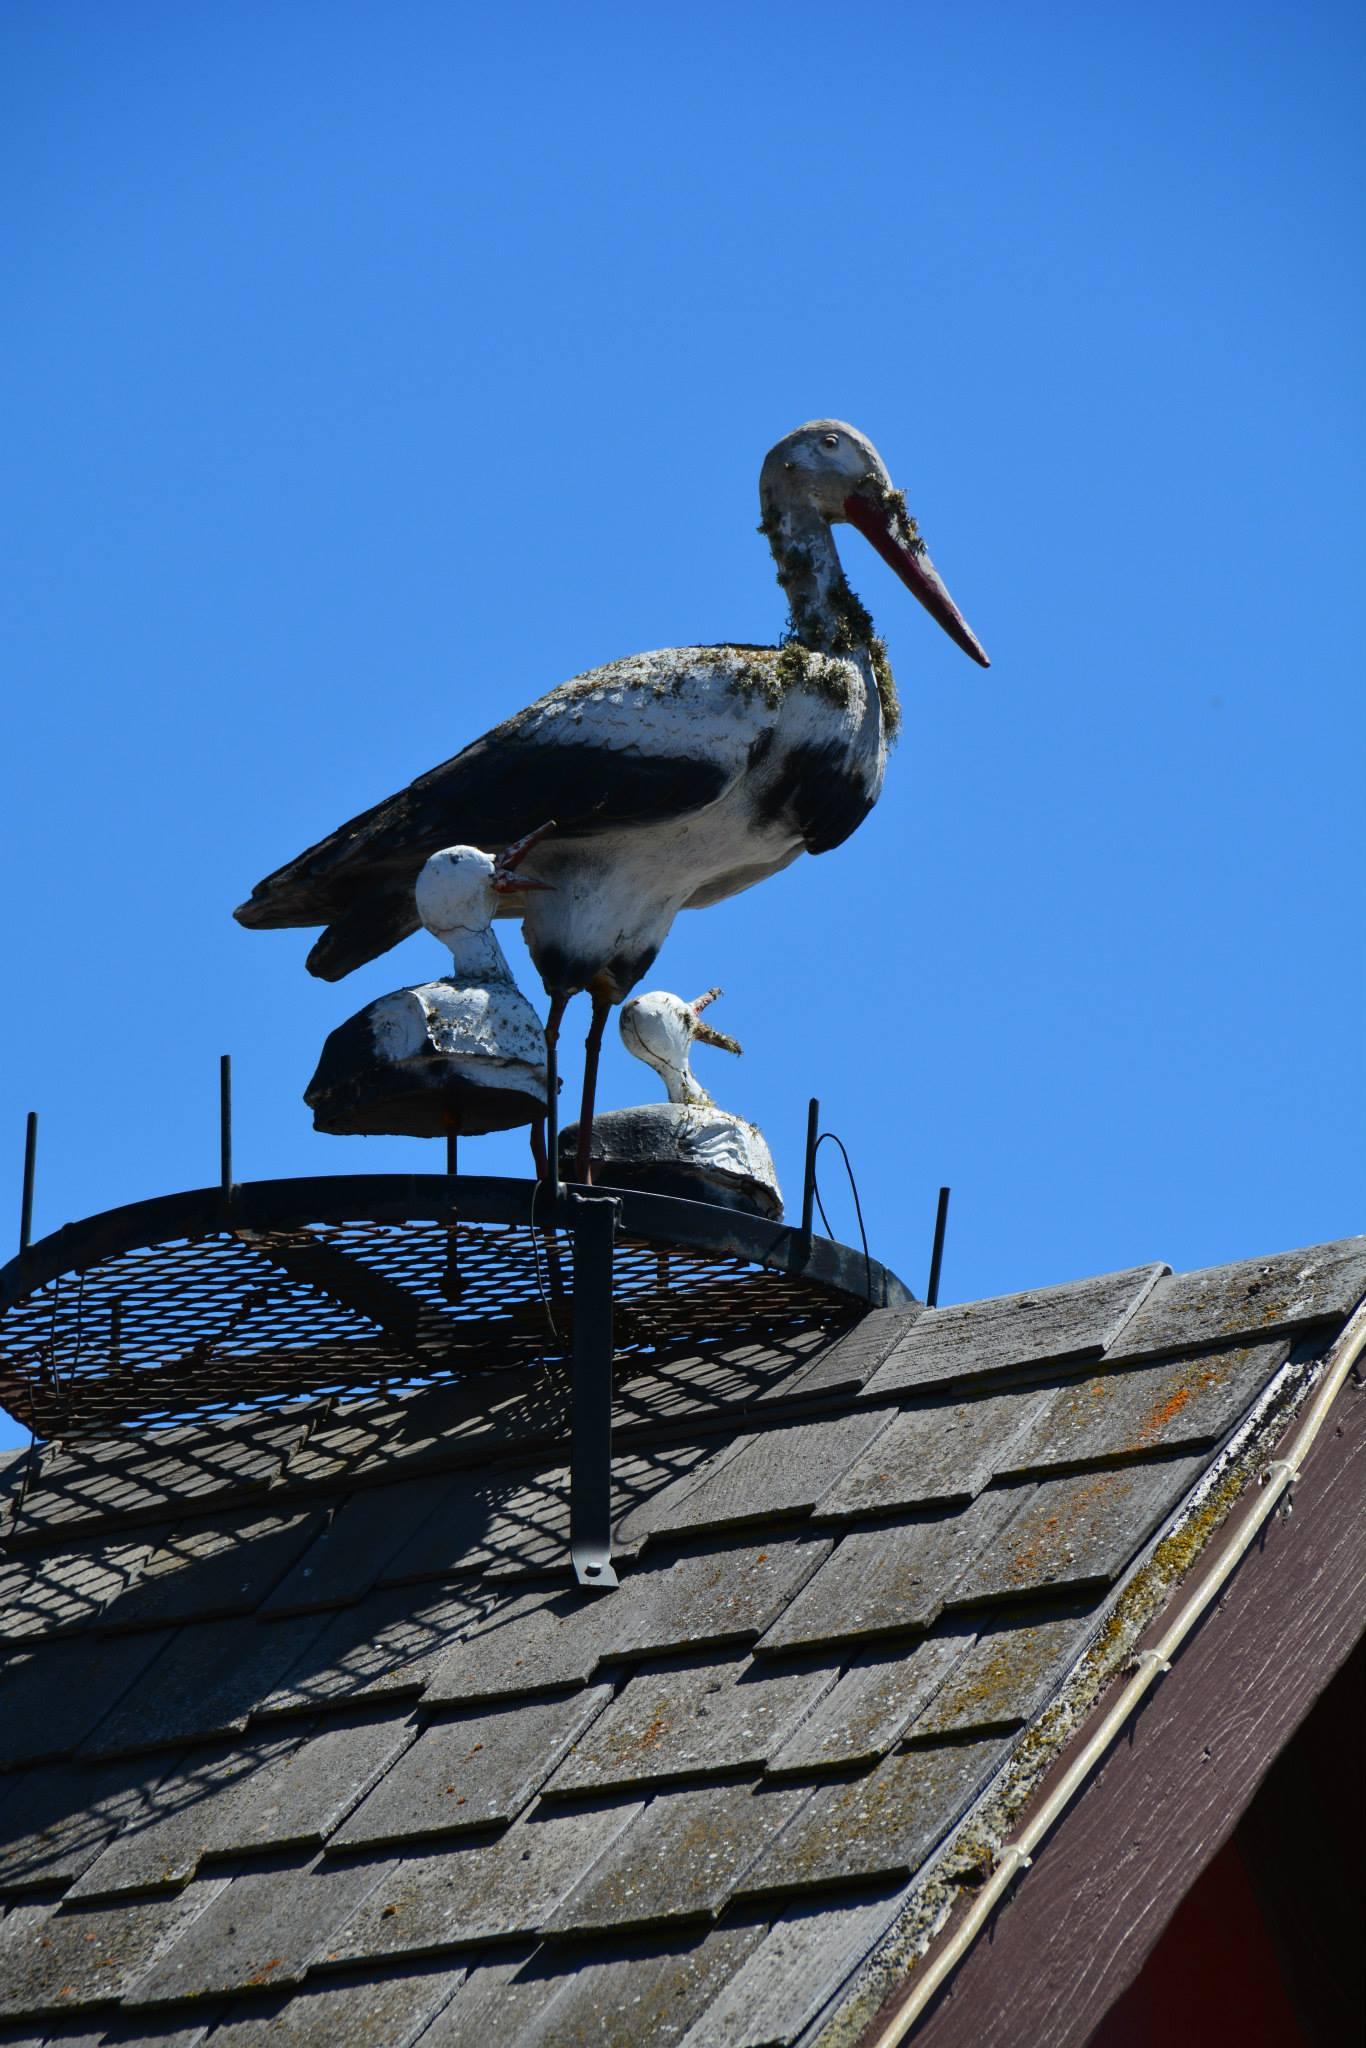 חסידות עץ על גגות הבתים